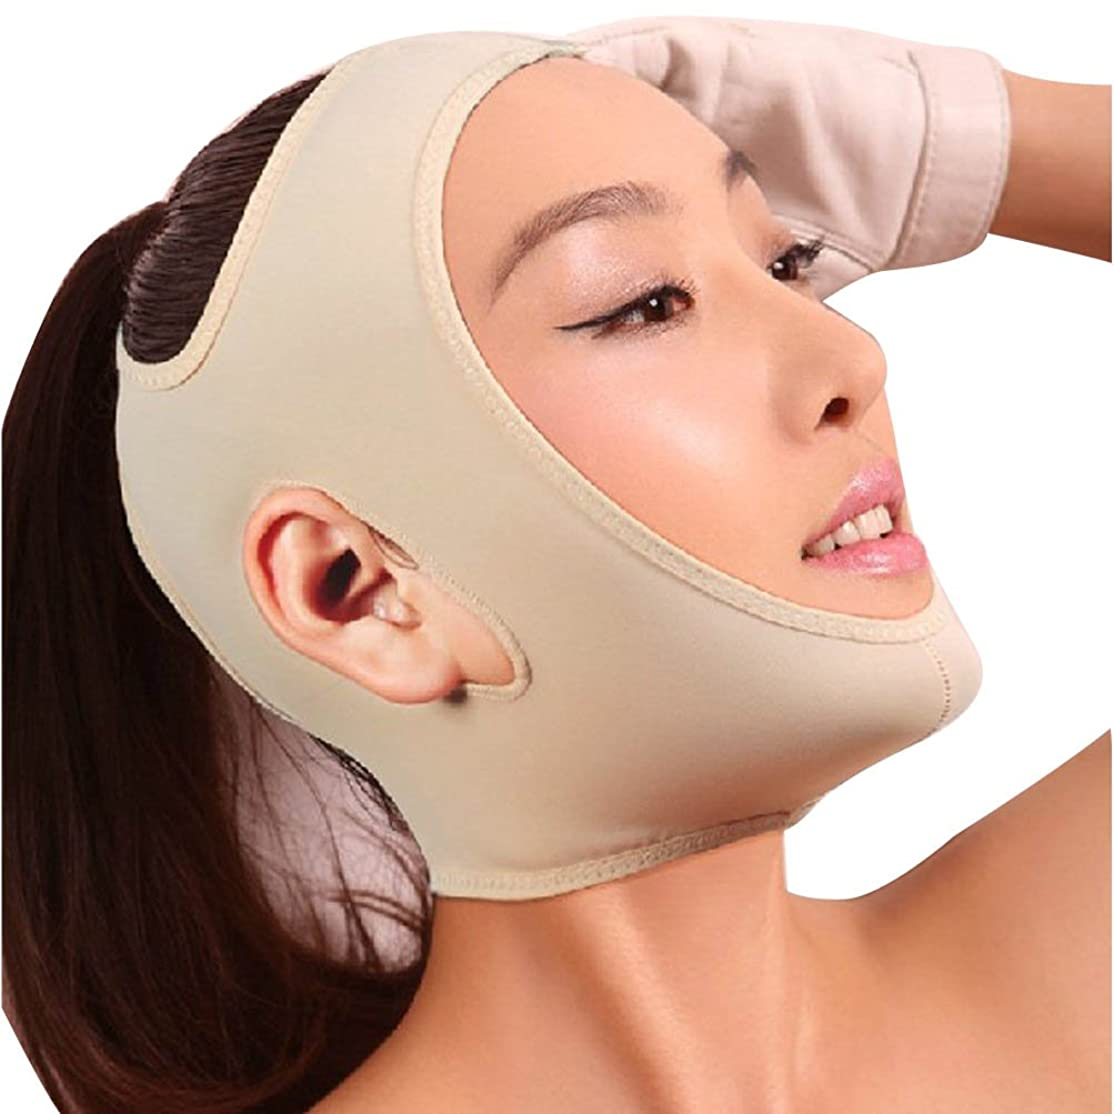 ジャニスカスタム状MakeupAccフェイスラインベルト M/L/XLサイズ 抗シワ 額、顎下、頬リフトアップ 小顔 美顔 頬のたるみ 引き上げマスク(ベージュ)【並行輸入品】 (M)